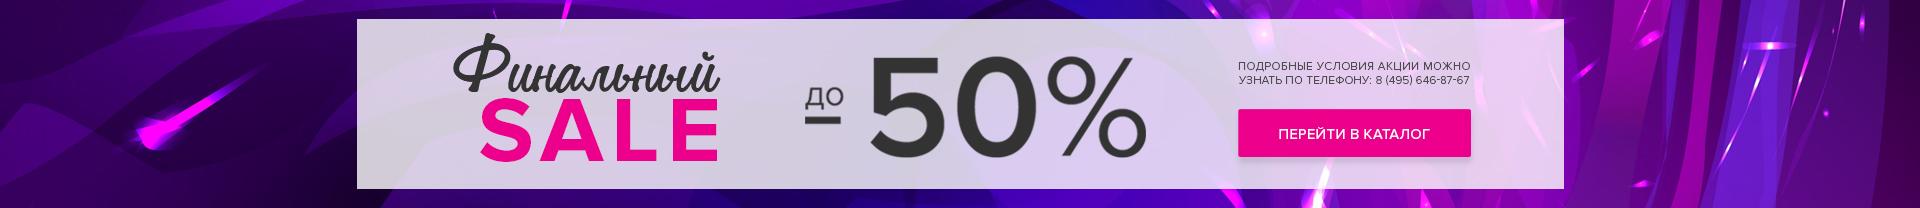 Финальный SALE до -50%